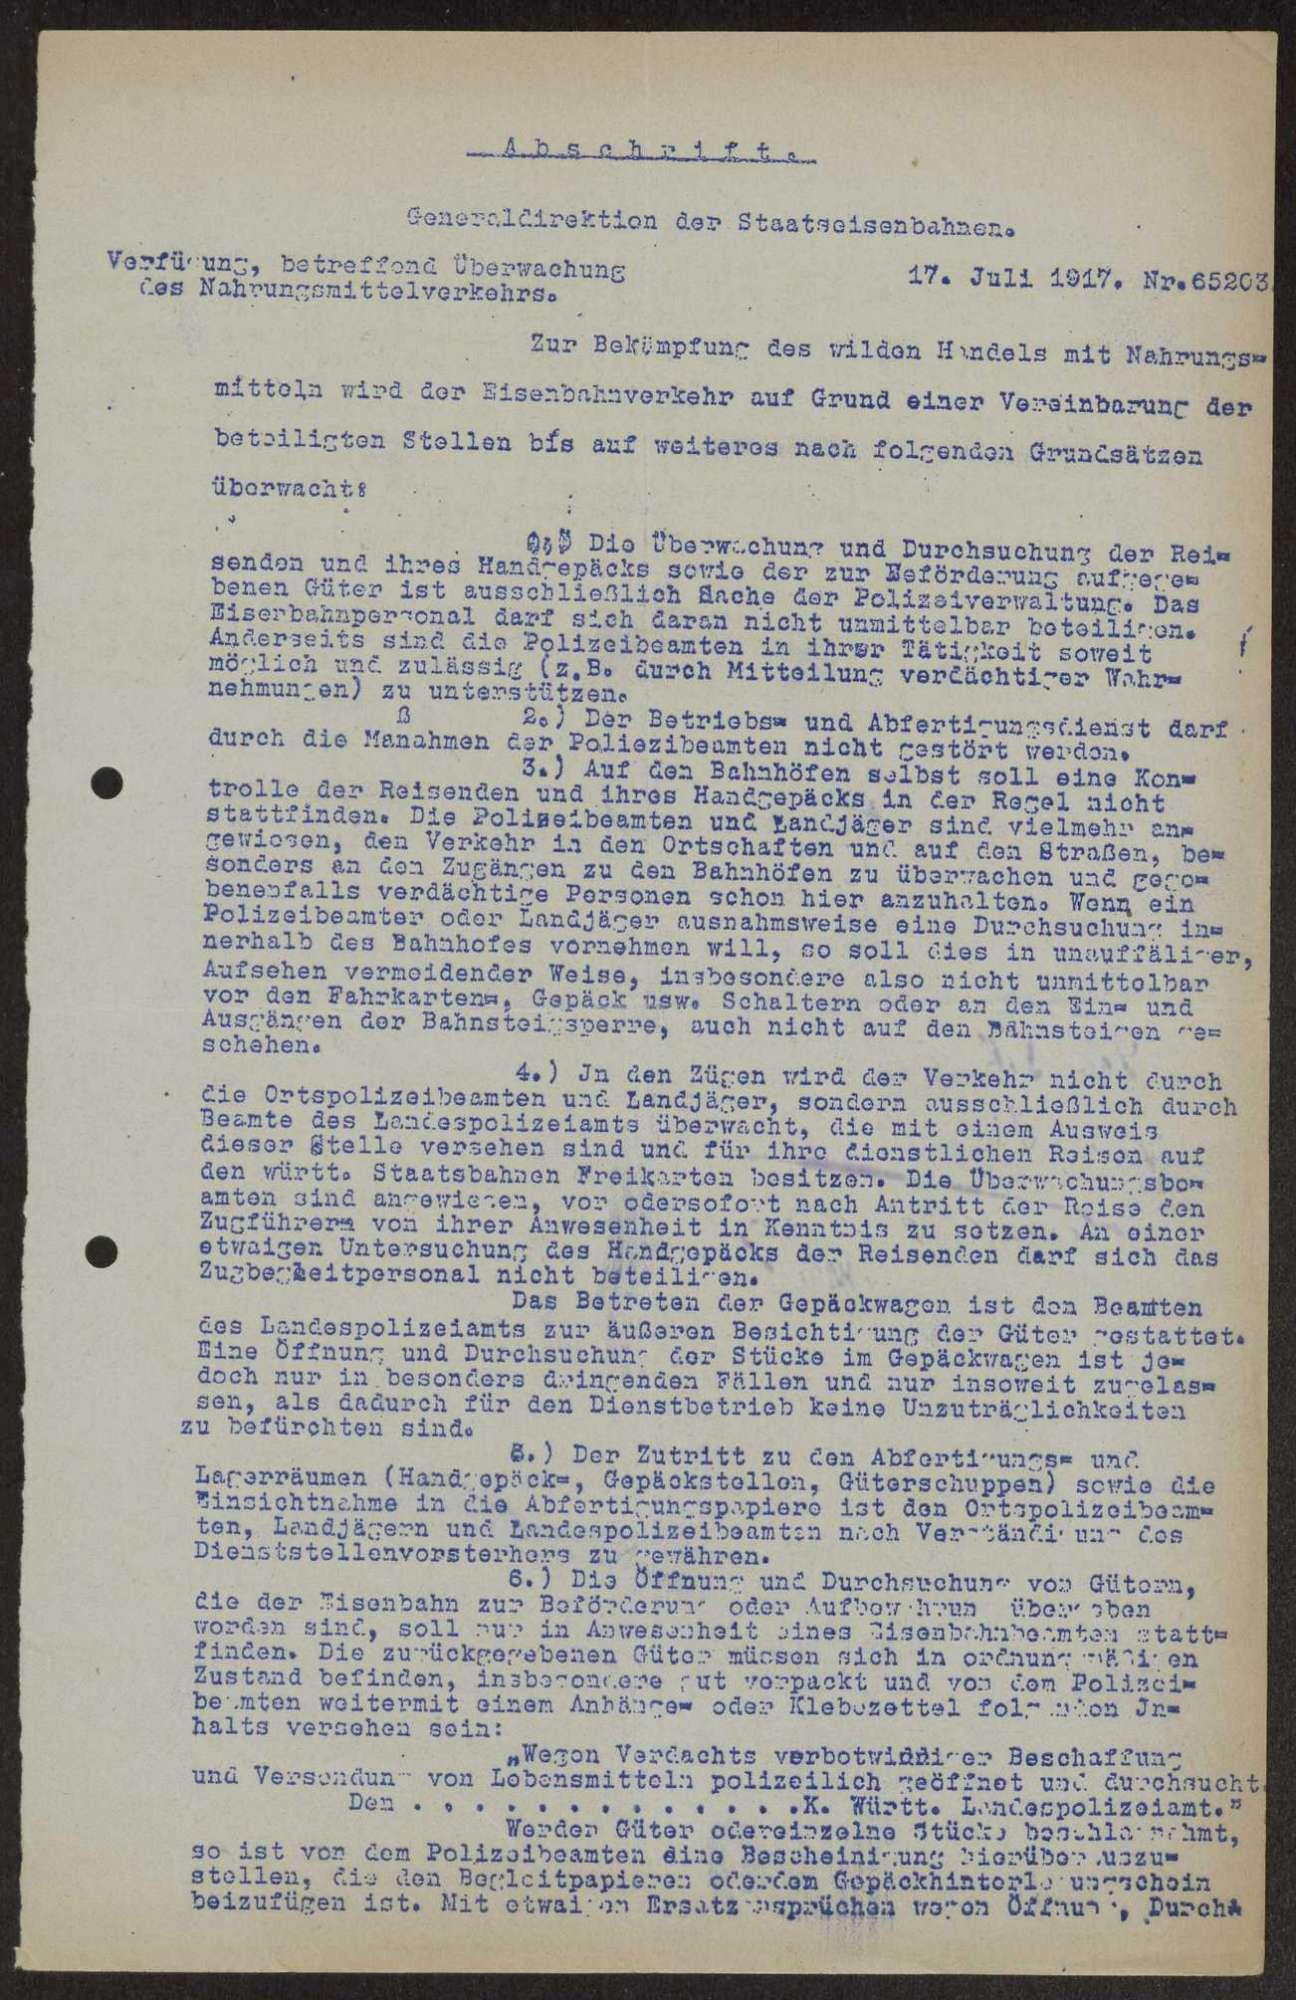 Allgemeine Verfügungen des Kriegsministeriums, Generalkommandos und anderer Stellen, Bild 1